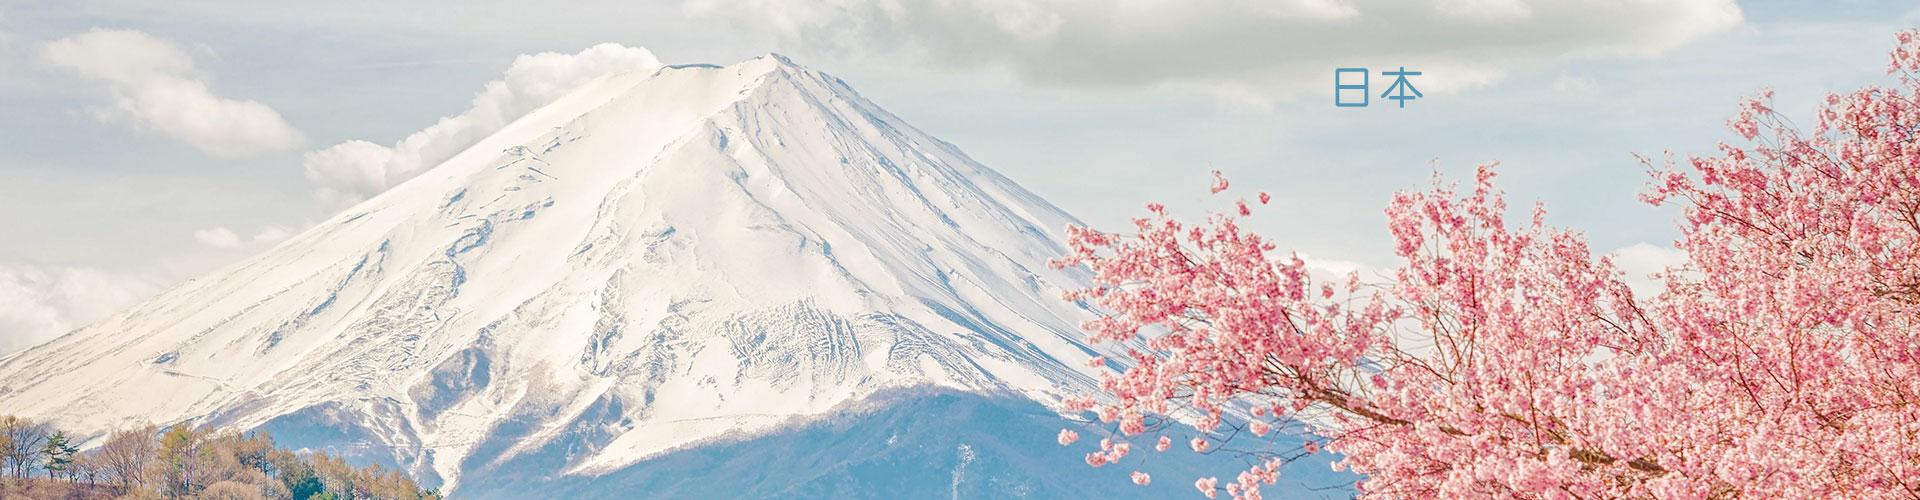 Japan_zh-hk.jpg